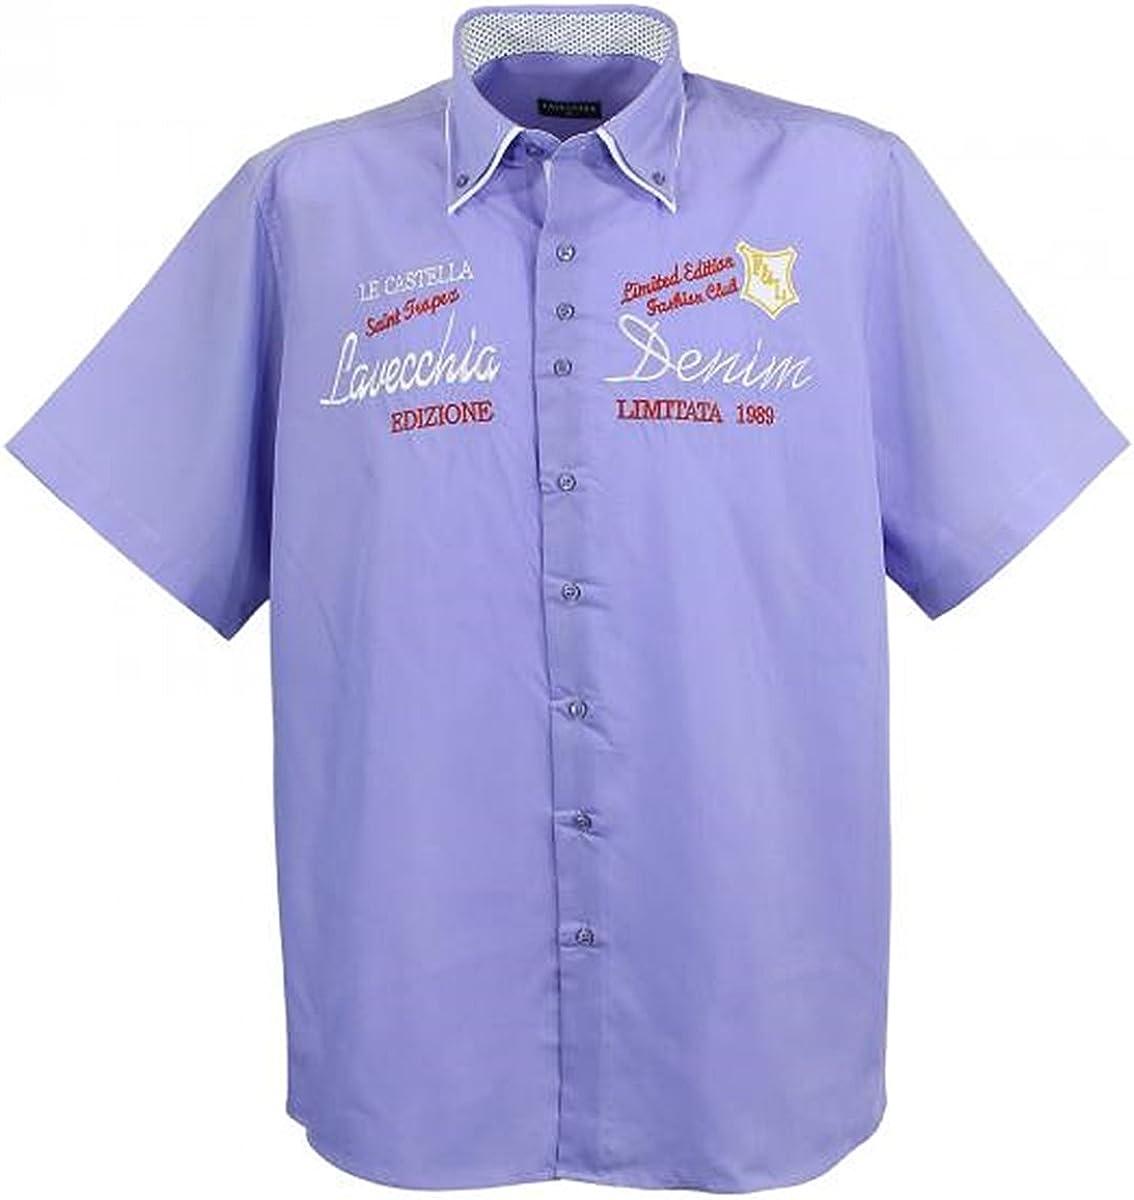 Tamaño grande. Camisa de manga corta Lavecchia 211 en color púrpura 7XL.: Amazon.es: Ropa y accesorios